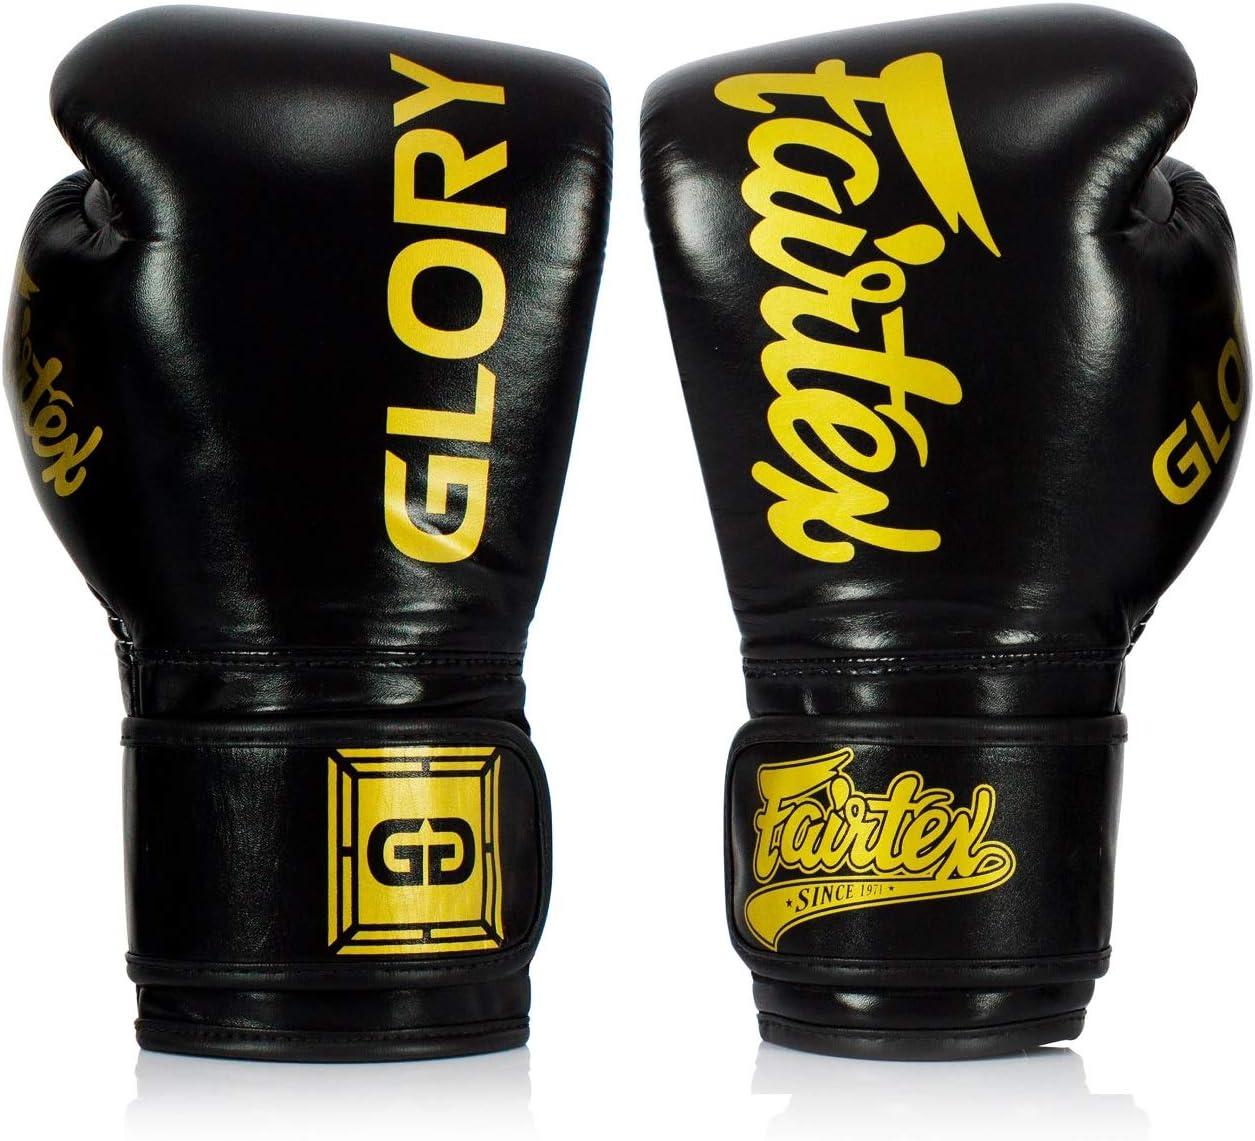 Fairtex X Glory Gants de Boxe en Cuir pour Kickboxing Muay Thai Fait Main en Tha/ïlande Blanc